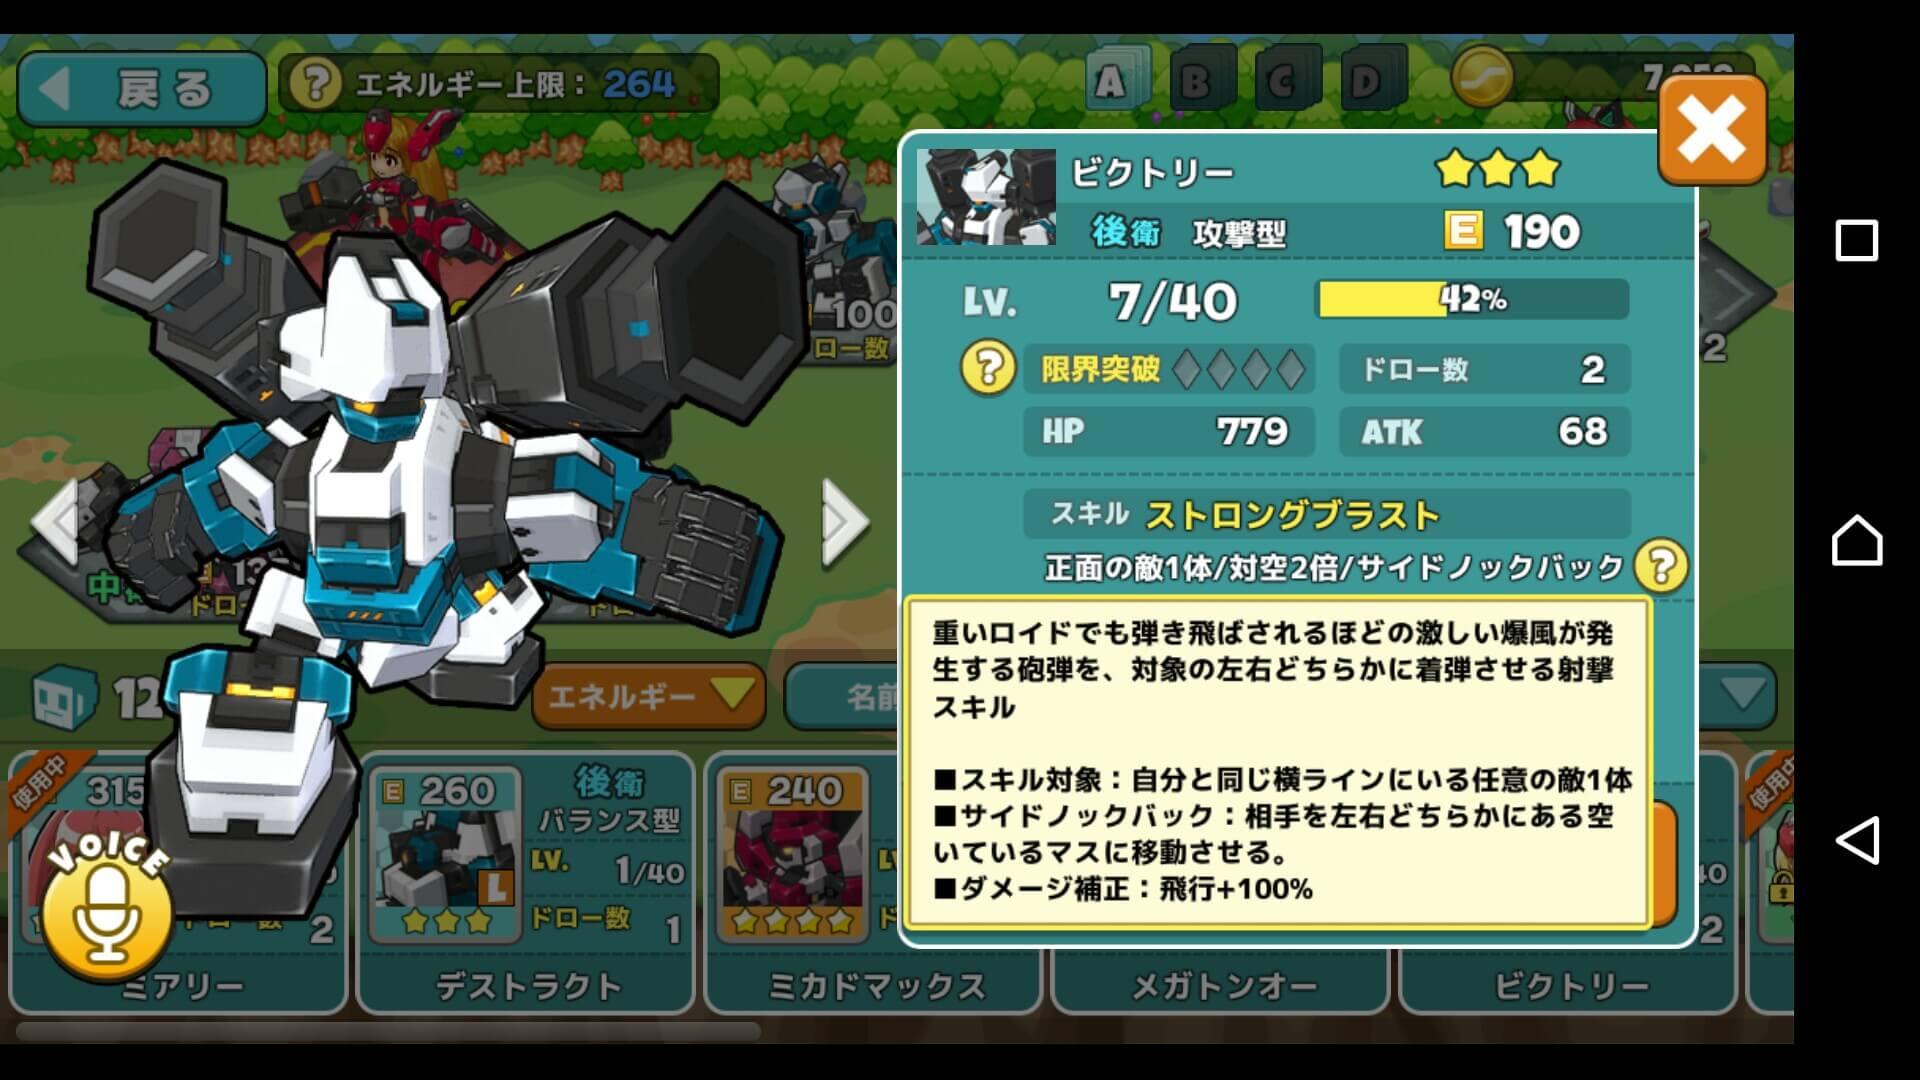 コズミックブレイク ソラの戦団3 ビクトリーステータス画面